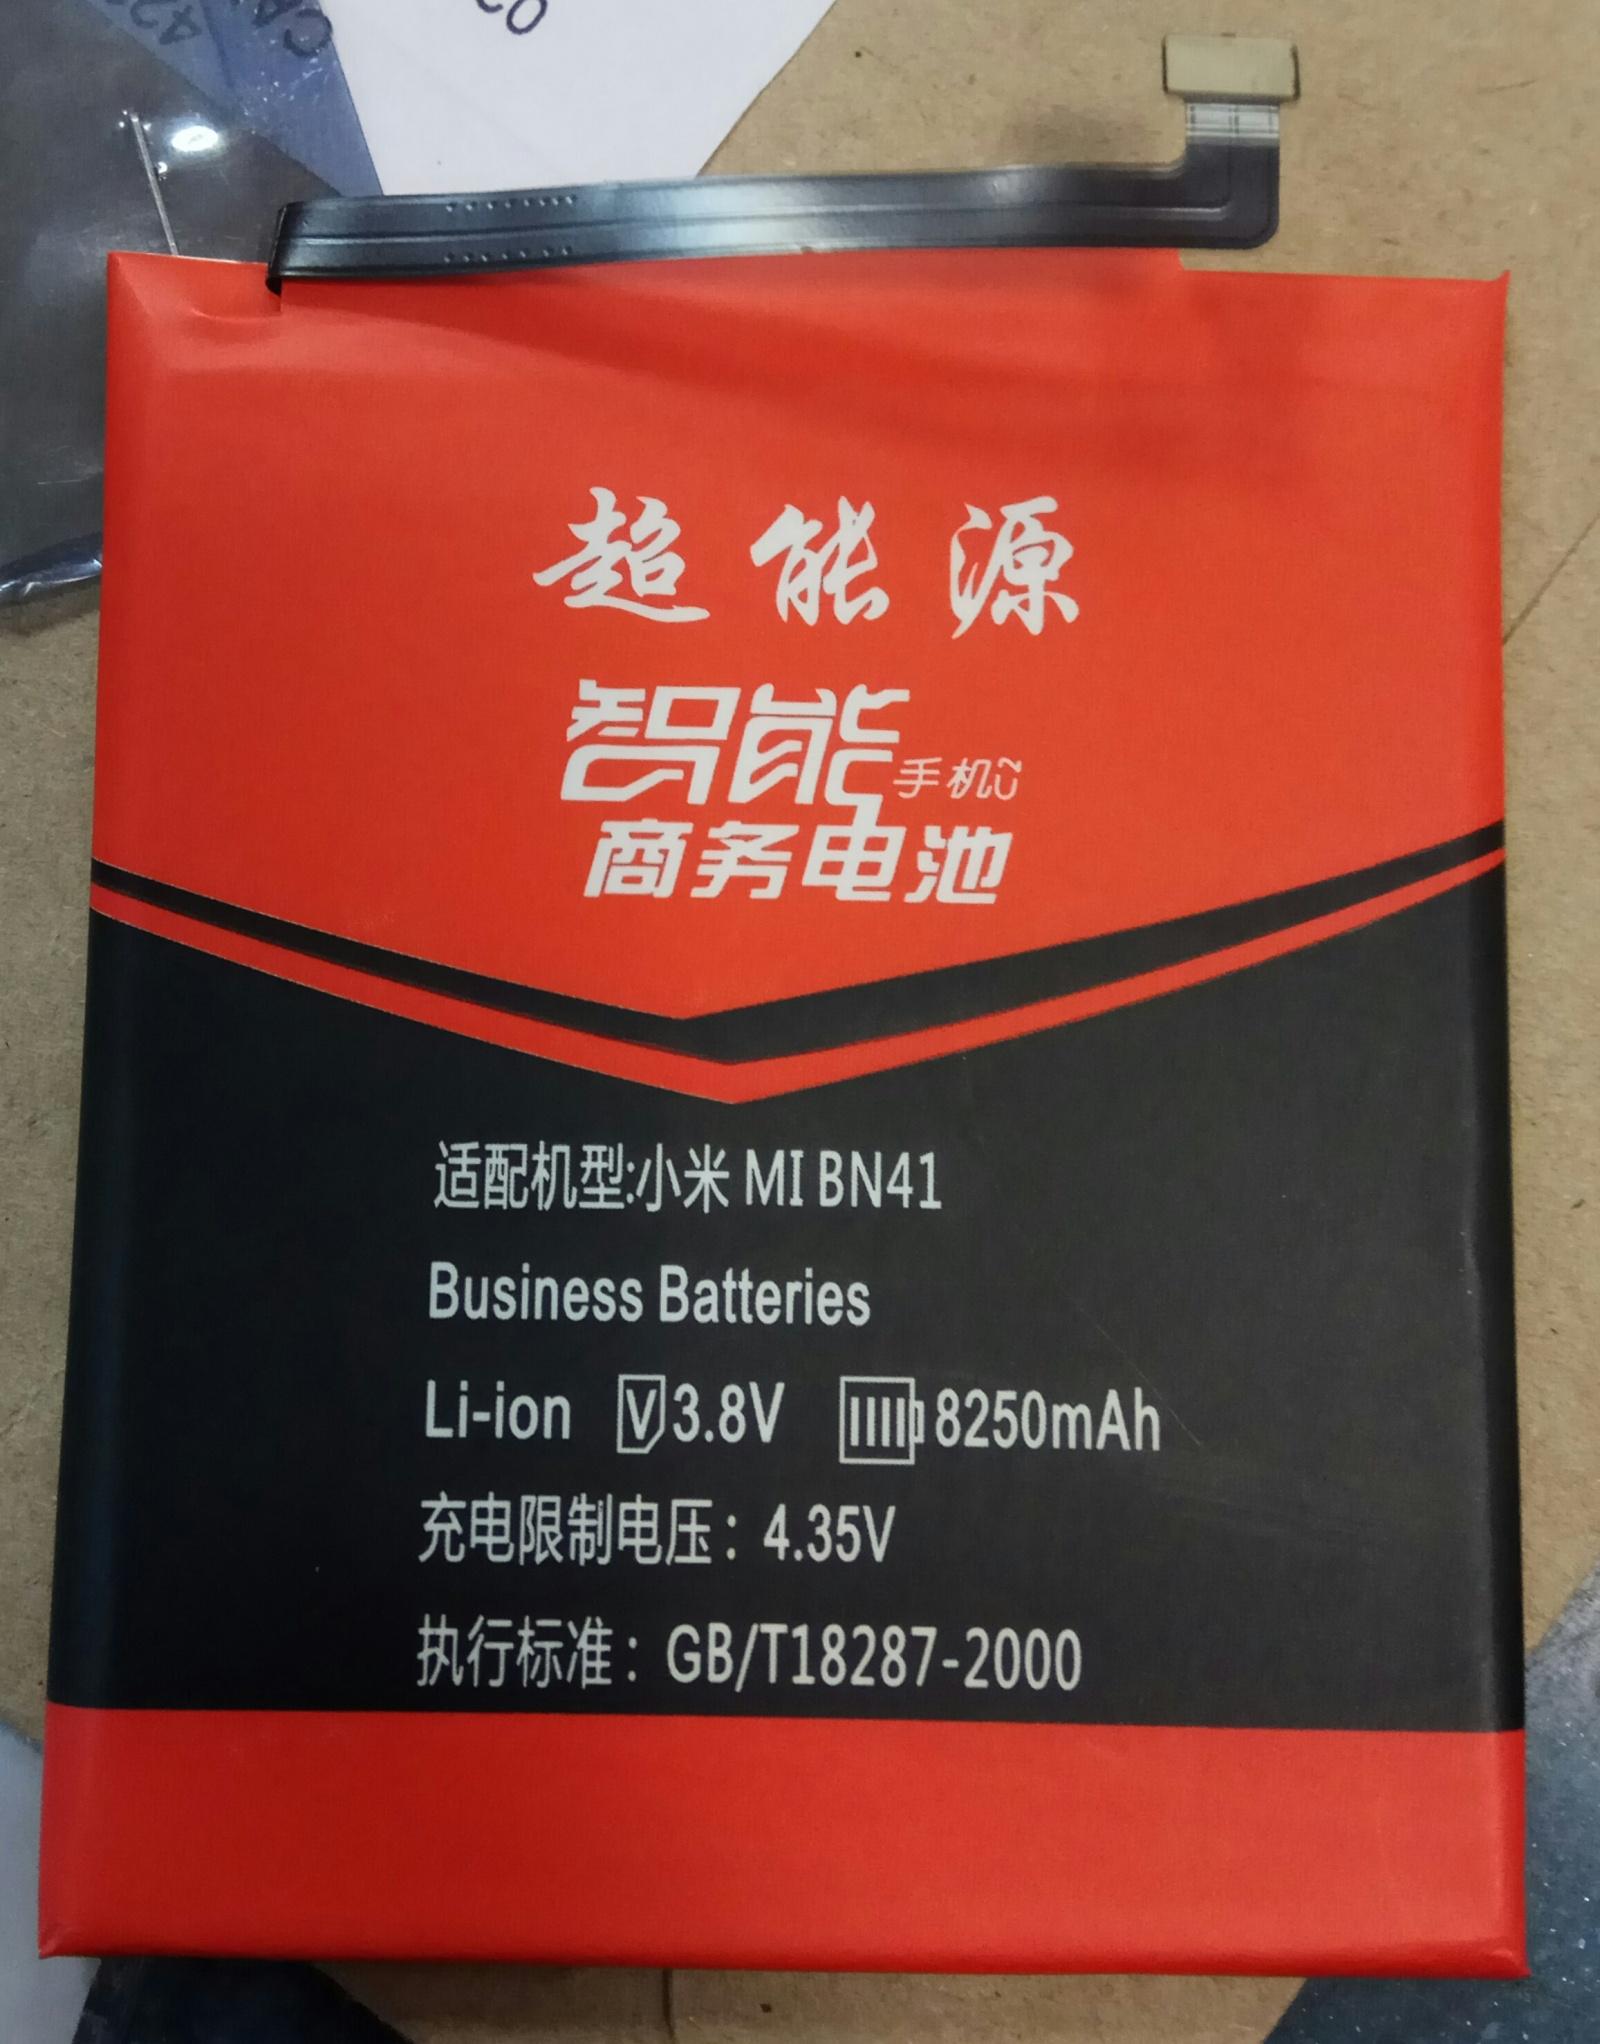 8250 миллиампер-часов китайской дичи, или повышенная ёмкость по-шеньчженьски - 1